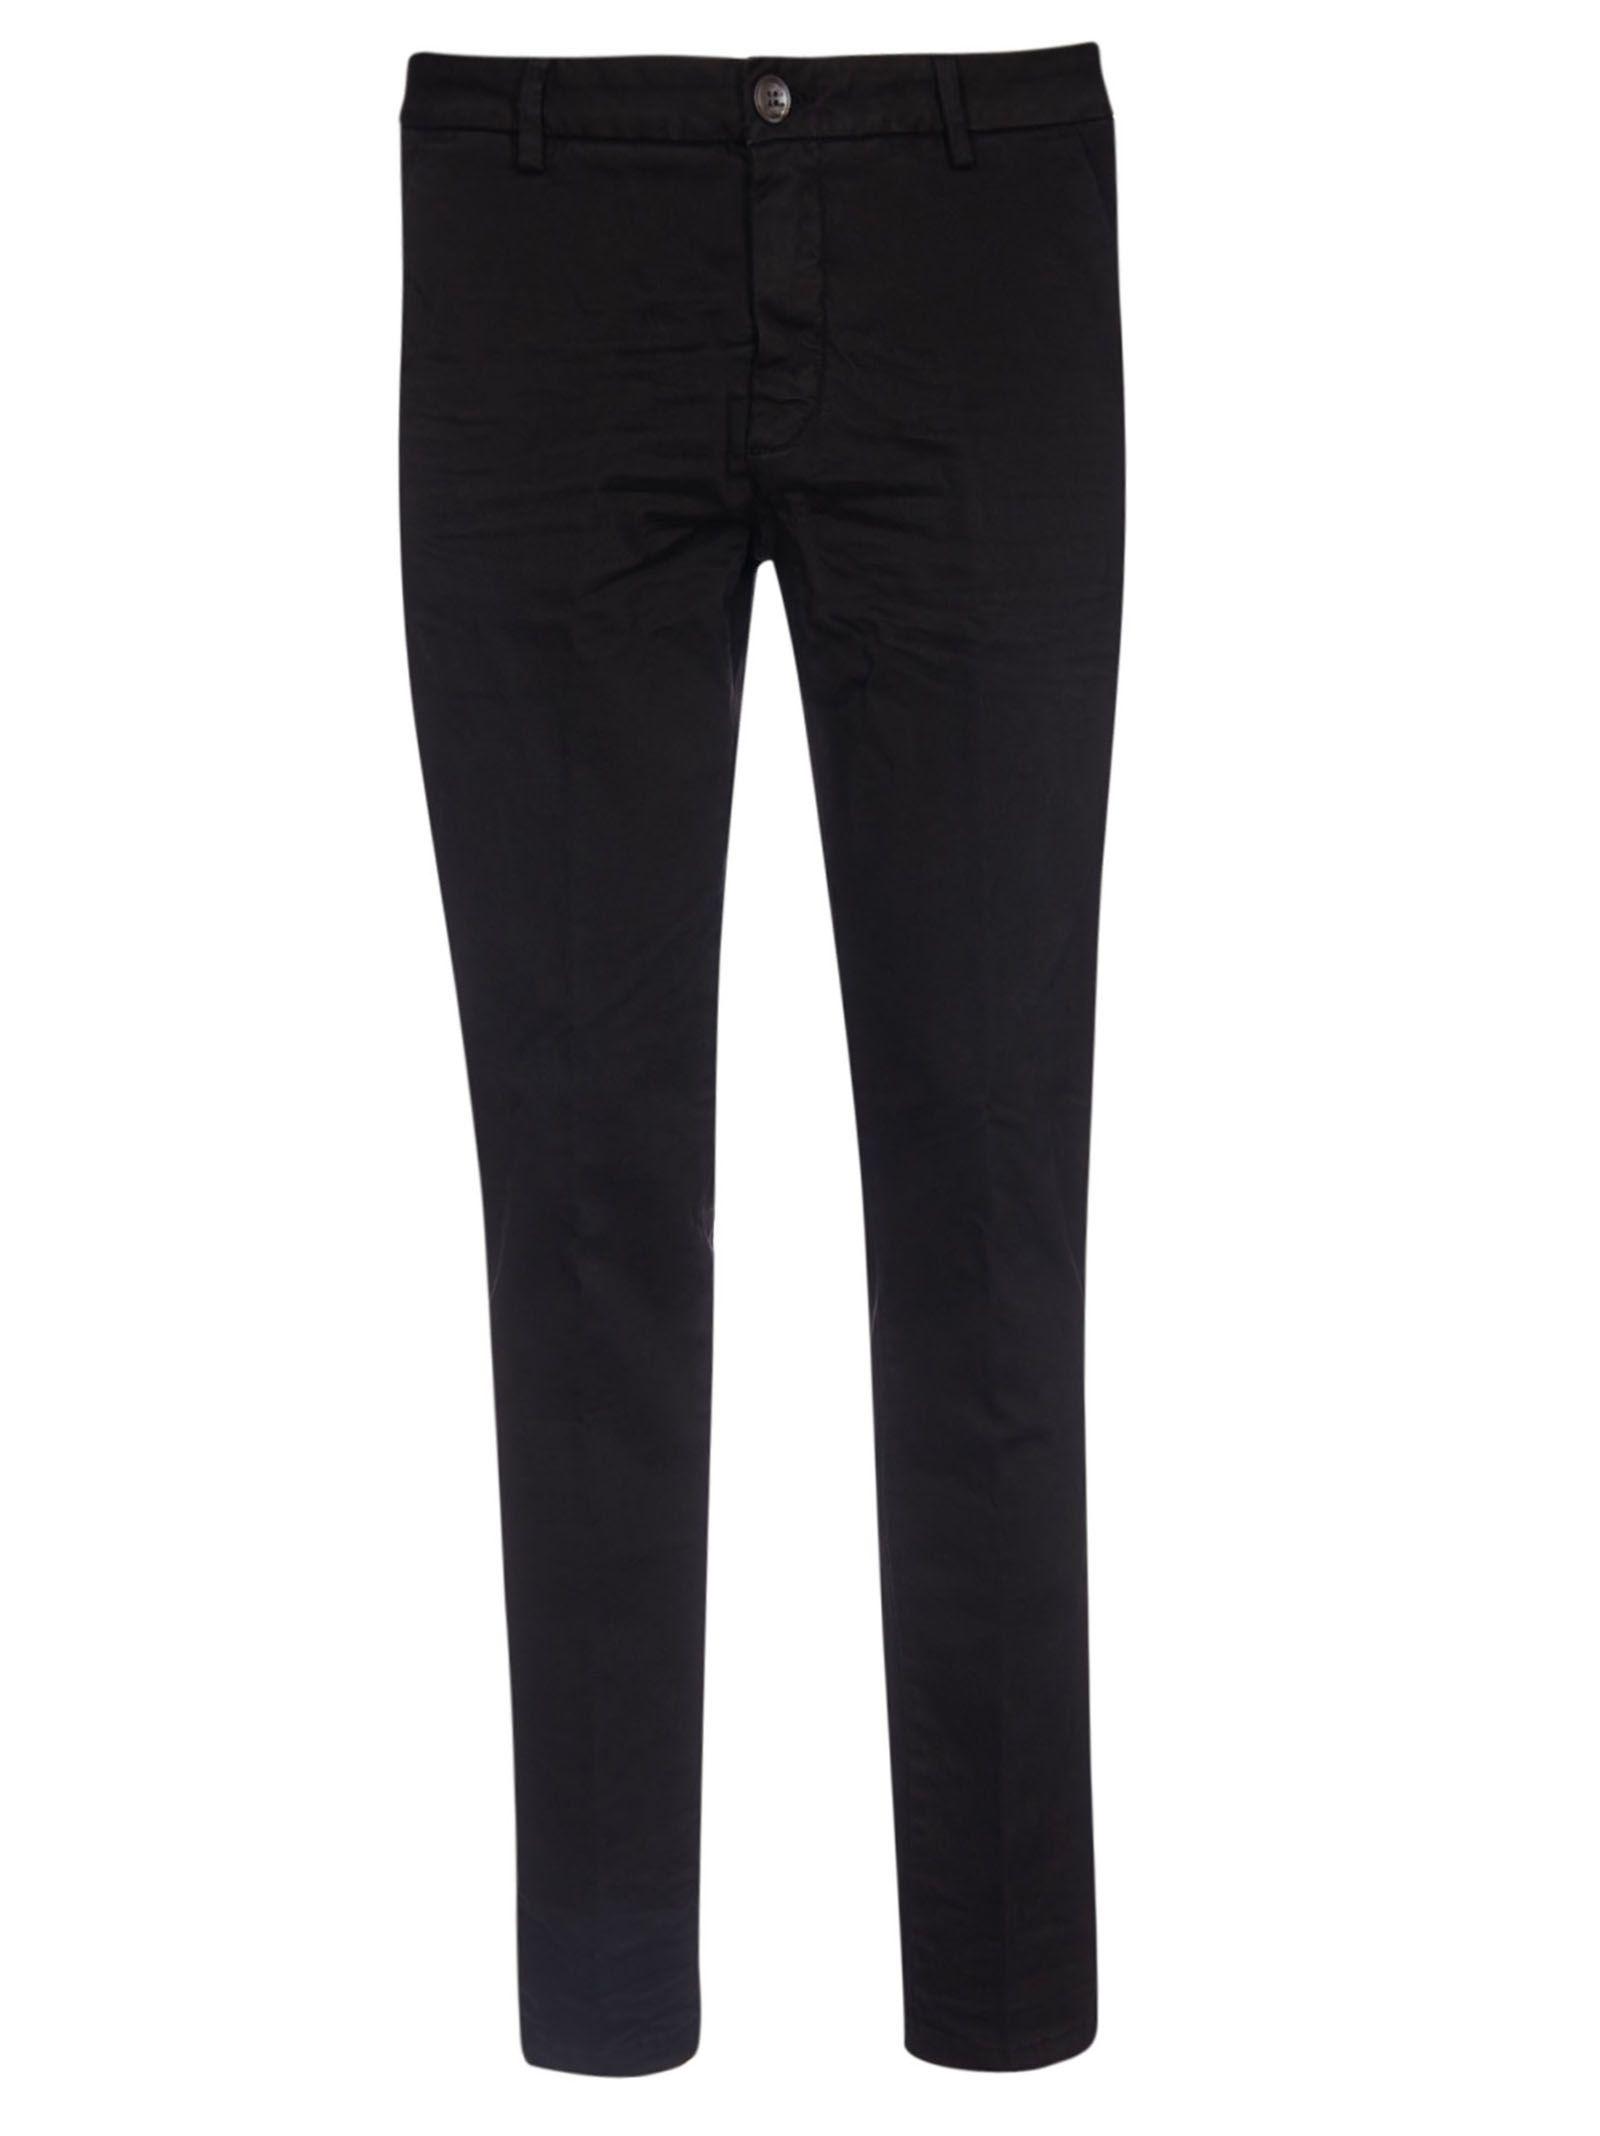 AGLINI Edgard Trousers in Black